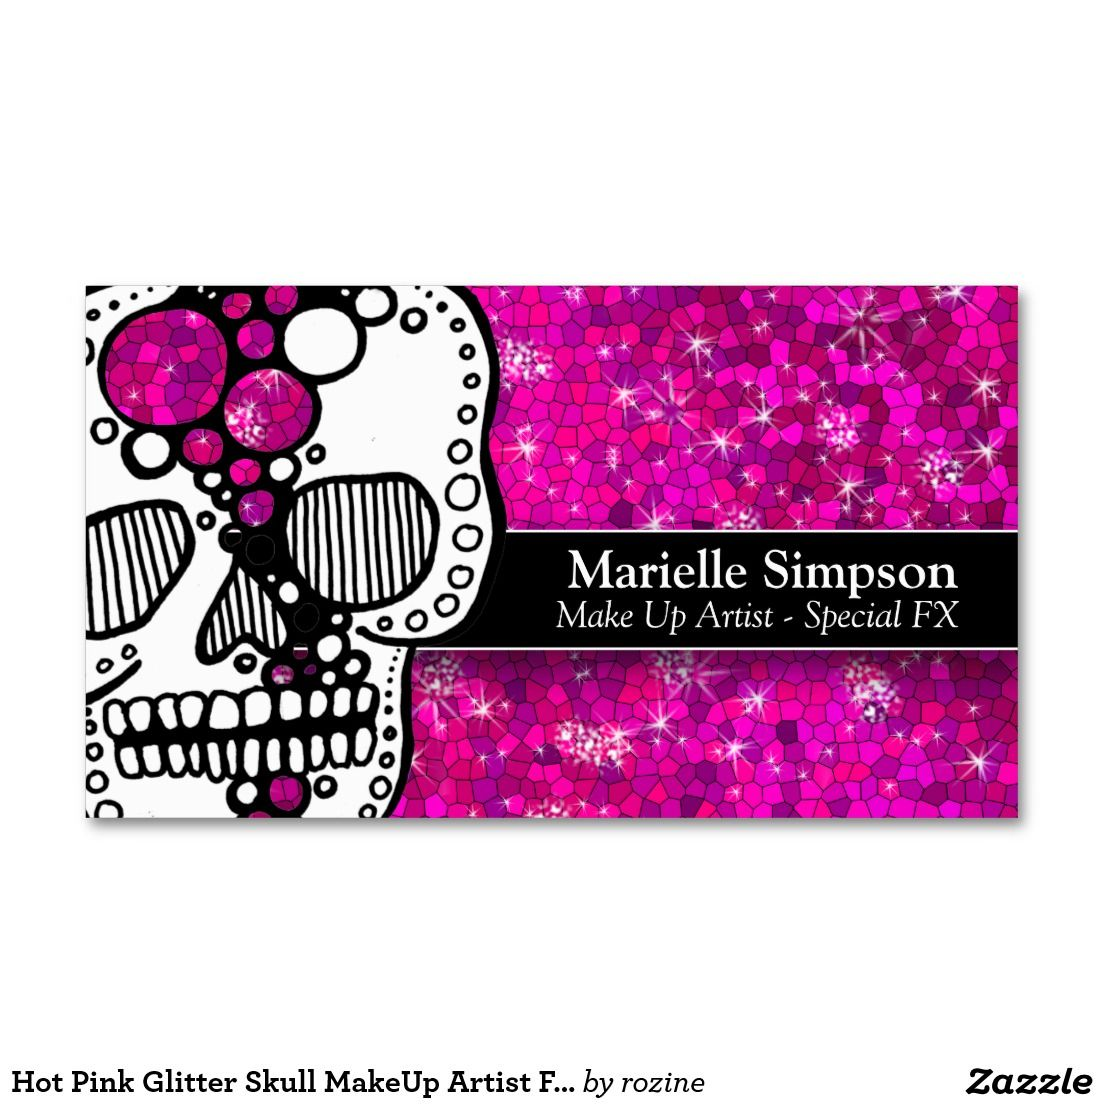 Hot Pink Glitter Skull MakeUp Artist Face Painter Business Card ...